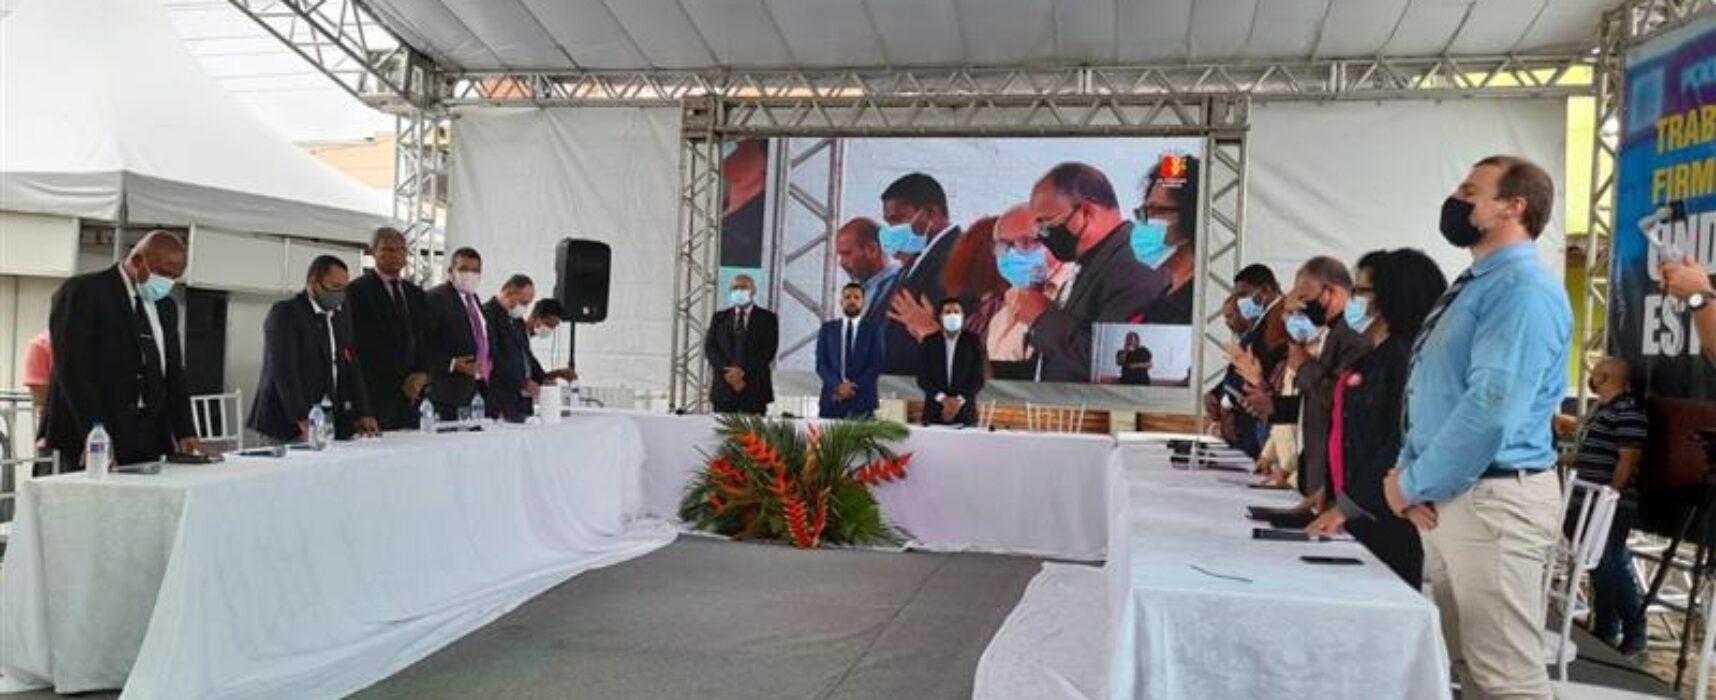 A presença da Câmara em Inema representa o rompimento do isolamento político com a sua gente, diz Jerbson Moraes